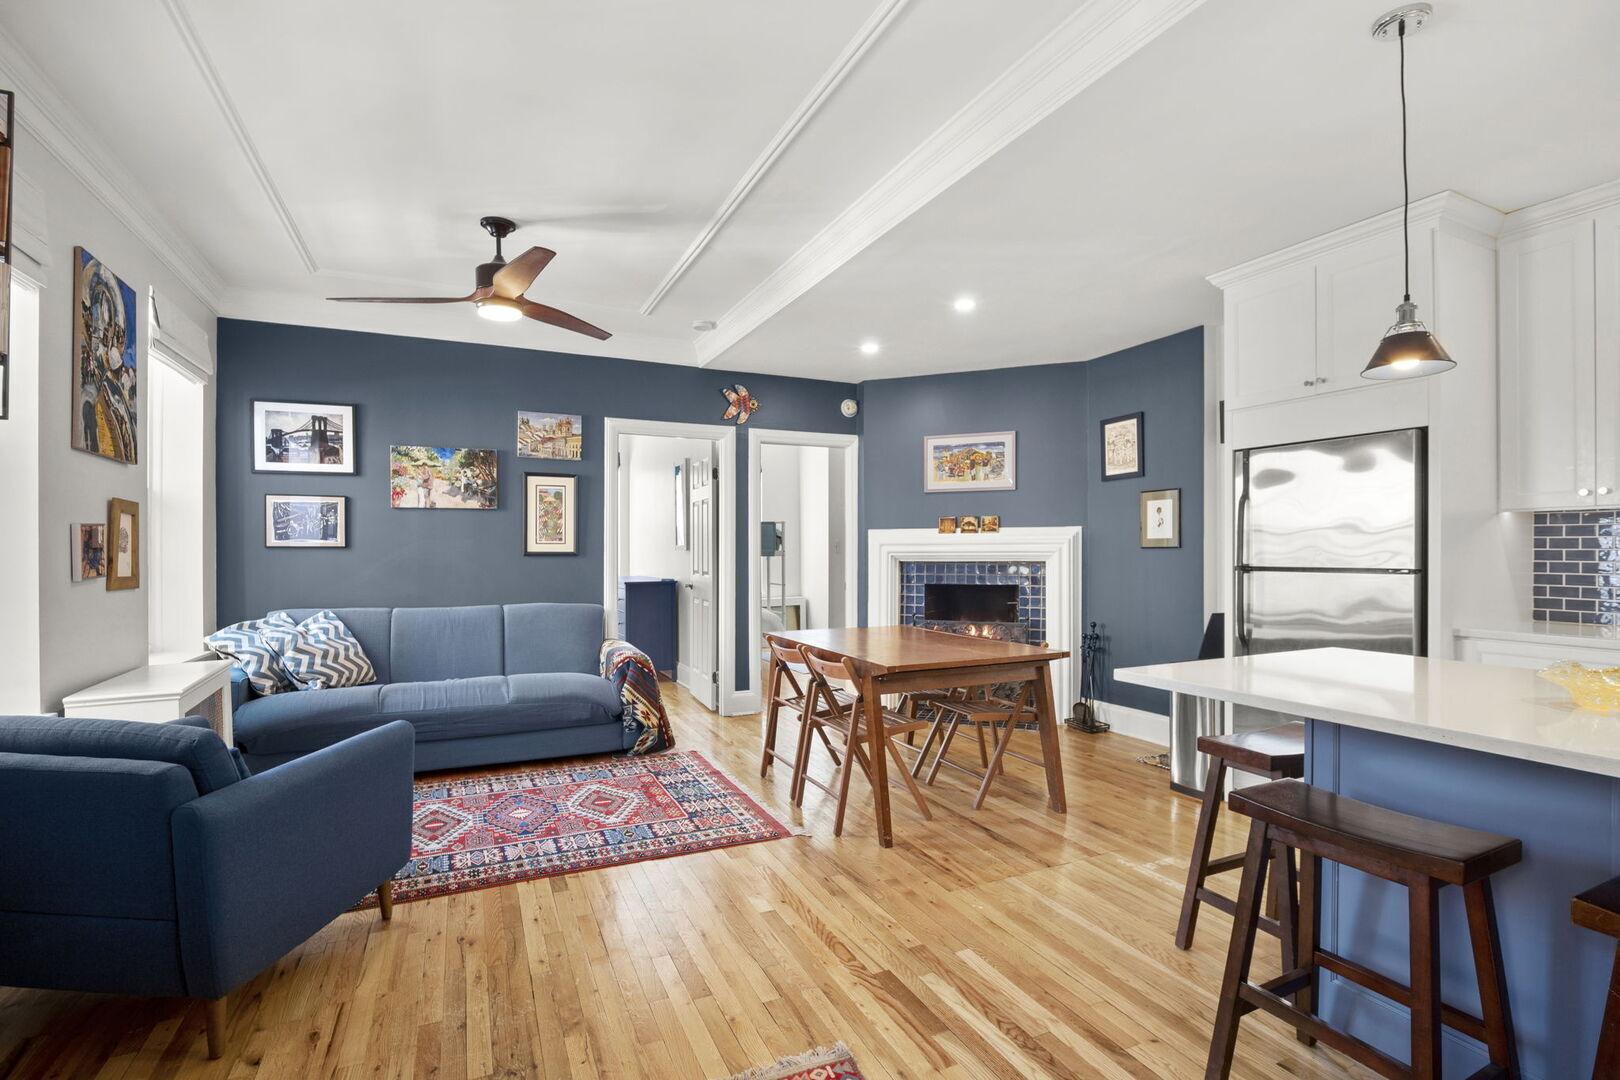 Apartment for sale at 274 Prospect Park West, Apt 2-L